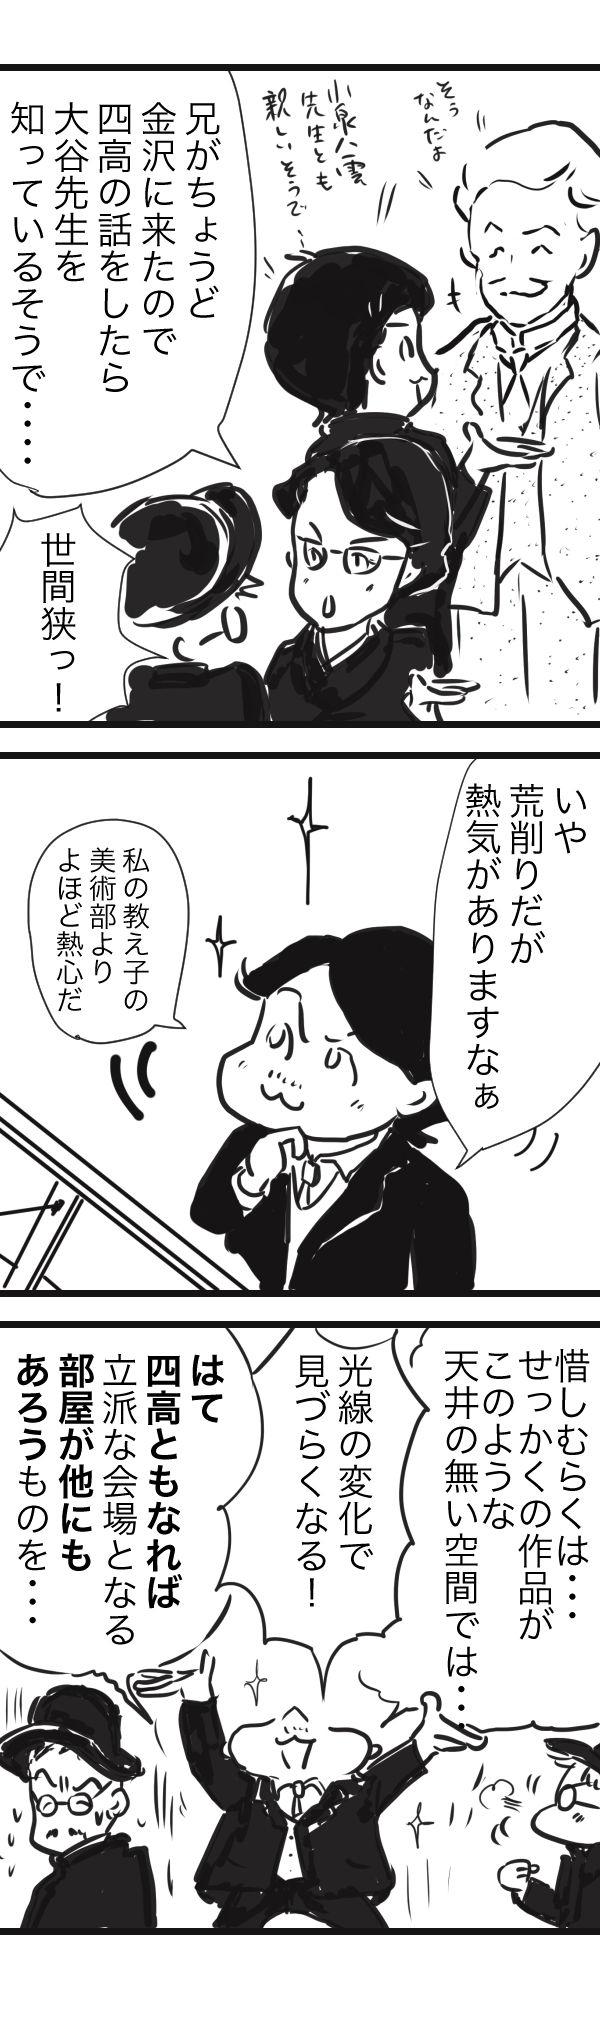 山田 金沢10−2−3